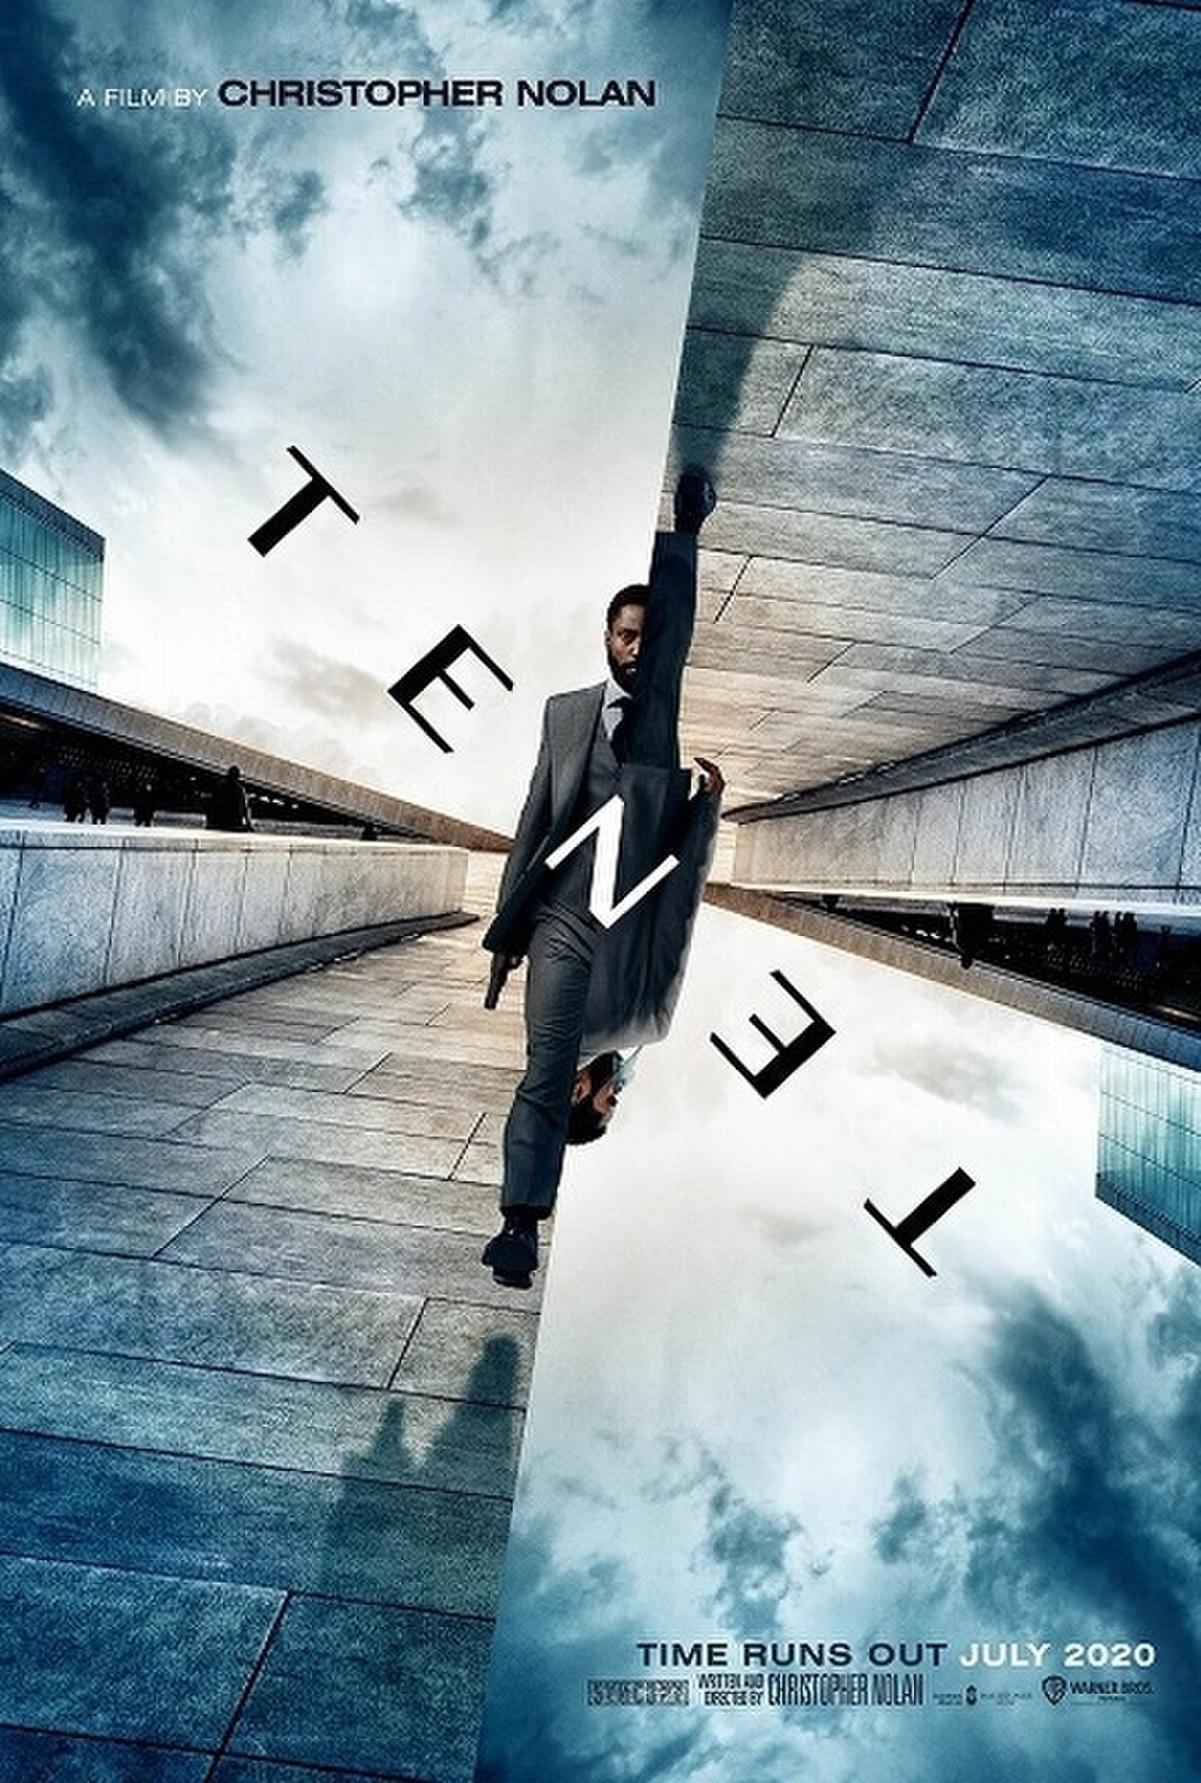 クリストファー・ノーラン最新作「TENET」20年9月公開 時間が逆転する ...